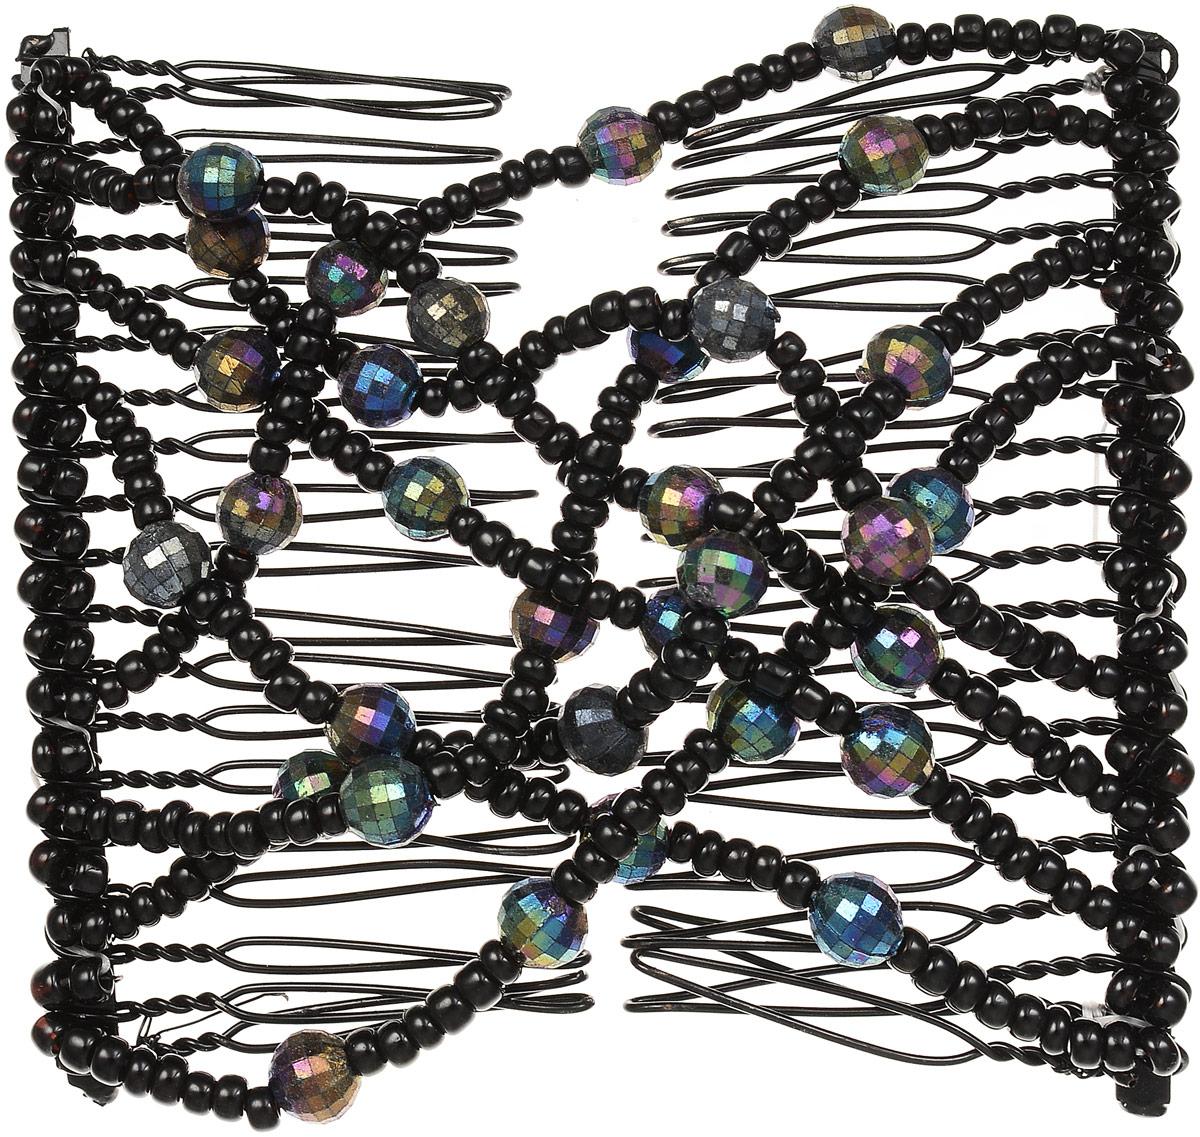 EZ-Combs Заколка Изи-Комбс, одинарная, цвет: черный. ЗИО_перламутрЗИО_черный, перламутрУдобная и практичная EZ-Combs подходит для любого типа волос: тонких, жестких, вьющихся или прямых, и не наносит им никакого вреда. Заколка не мешает движениям головы и не создает дискомфорта, когда вы отдыхаете или управляете автомобилем. Каждый гребень имеет по 20 зубьев для надежной фиксации заколки на волосах! И даже во время бега и интенсивных тренировок в спортзале EZ-Combs не падает; она прочно фиксирует прическу, сохраняя укладку в первозданном виде.Небольшая и легкая заколка для волос EZ-Combs поместится в любой дамской сумочке, позволяя быстро и без особых усилий создавать неповторимые прически там, где вам это удобно. Гребень прекрасно сочетается с любой одеждой: будь это классический или спортивный стиль, завершая гармоничный облик современной леди. И неважно, какой образ жизни вы ведете, если у вас есть EZ-Combs, вы всегда будете выглядеть потрясающе.